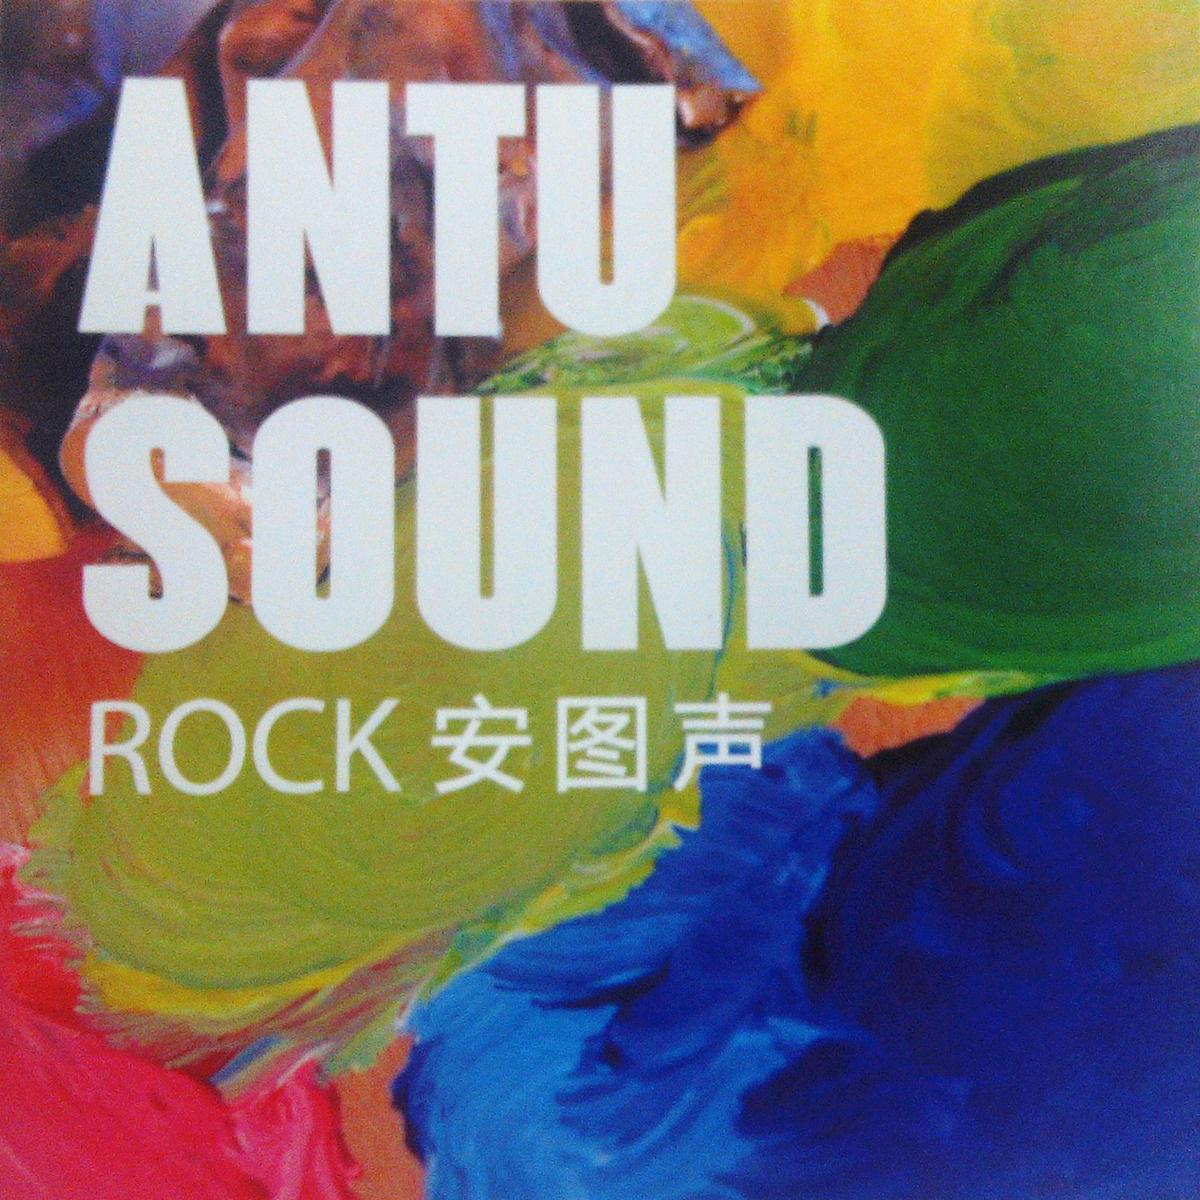 ANTU SOUND ROCK